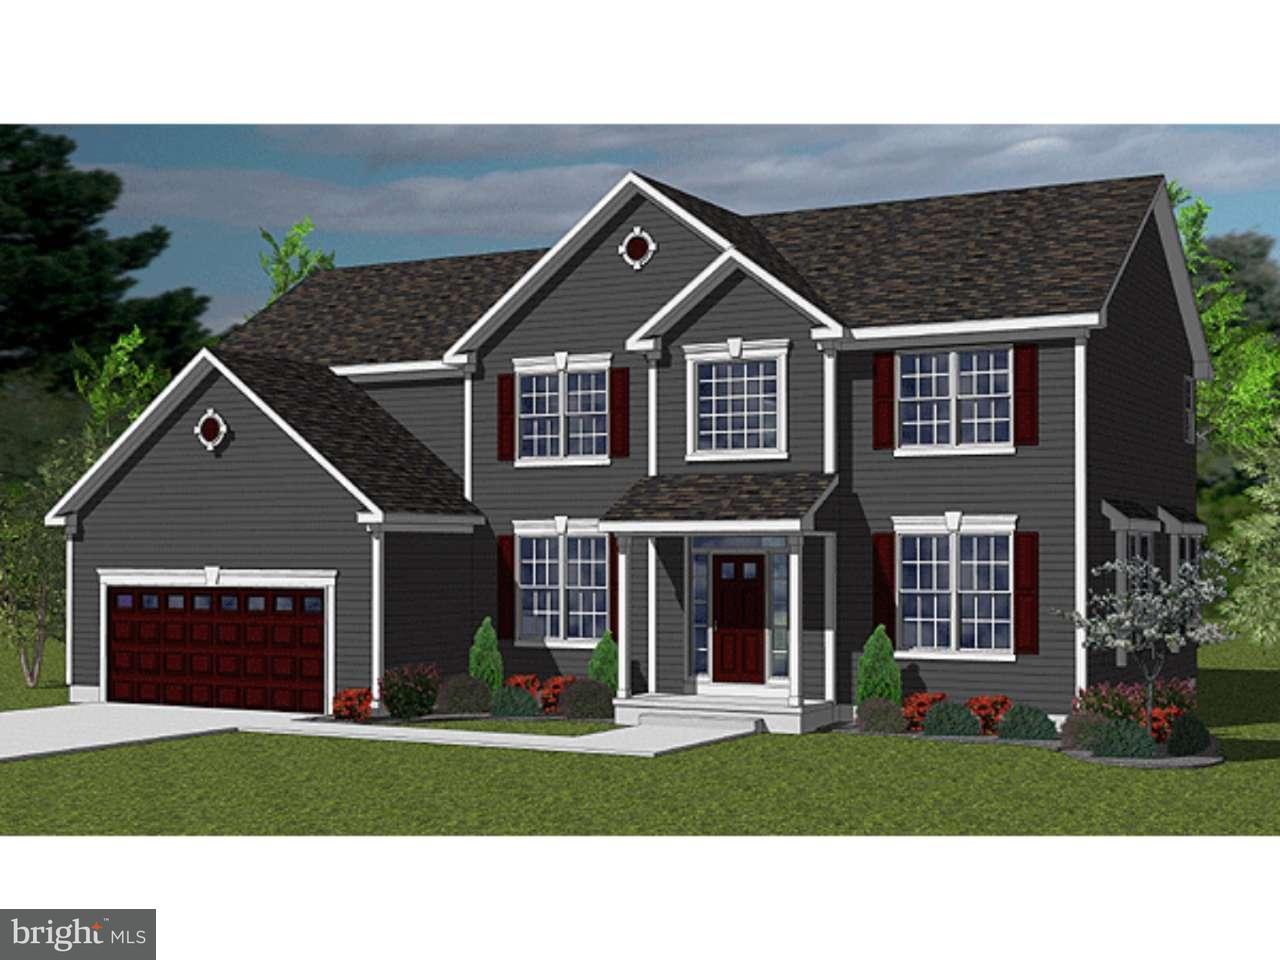 Casa Unifamiliar por un Venta en L11.02 THREE BRIDGE Road Monroeville, Nueva Jersey 08343 Estados Unidos